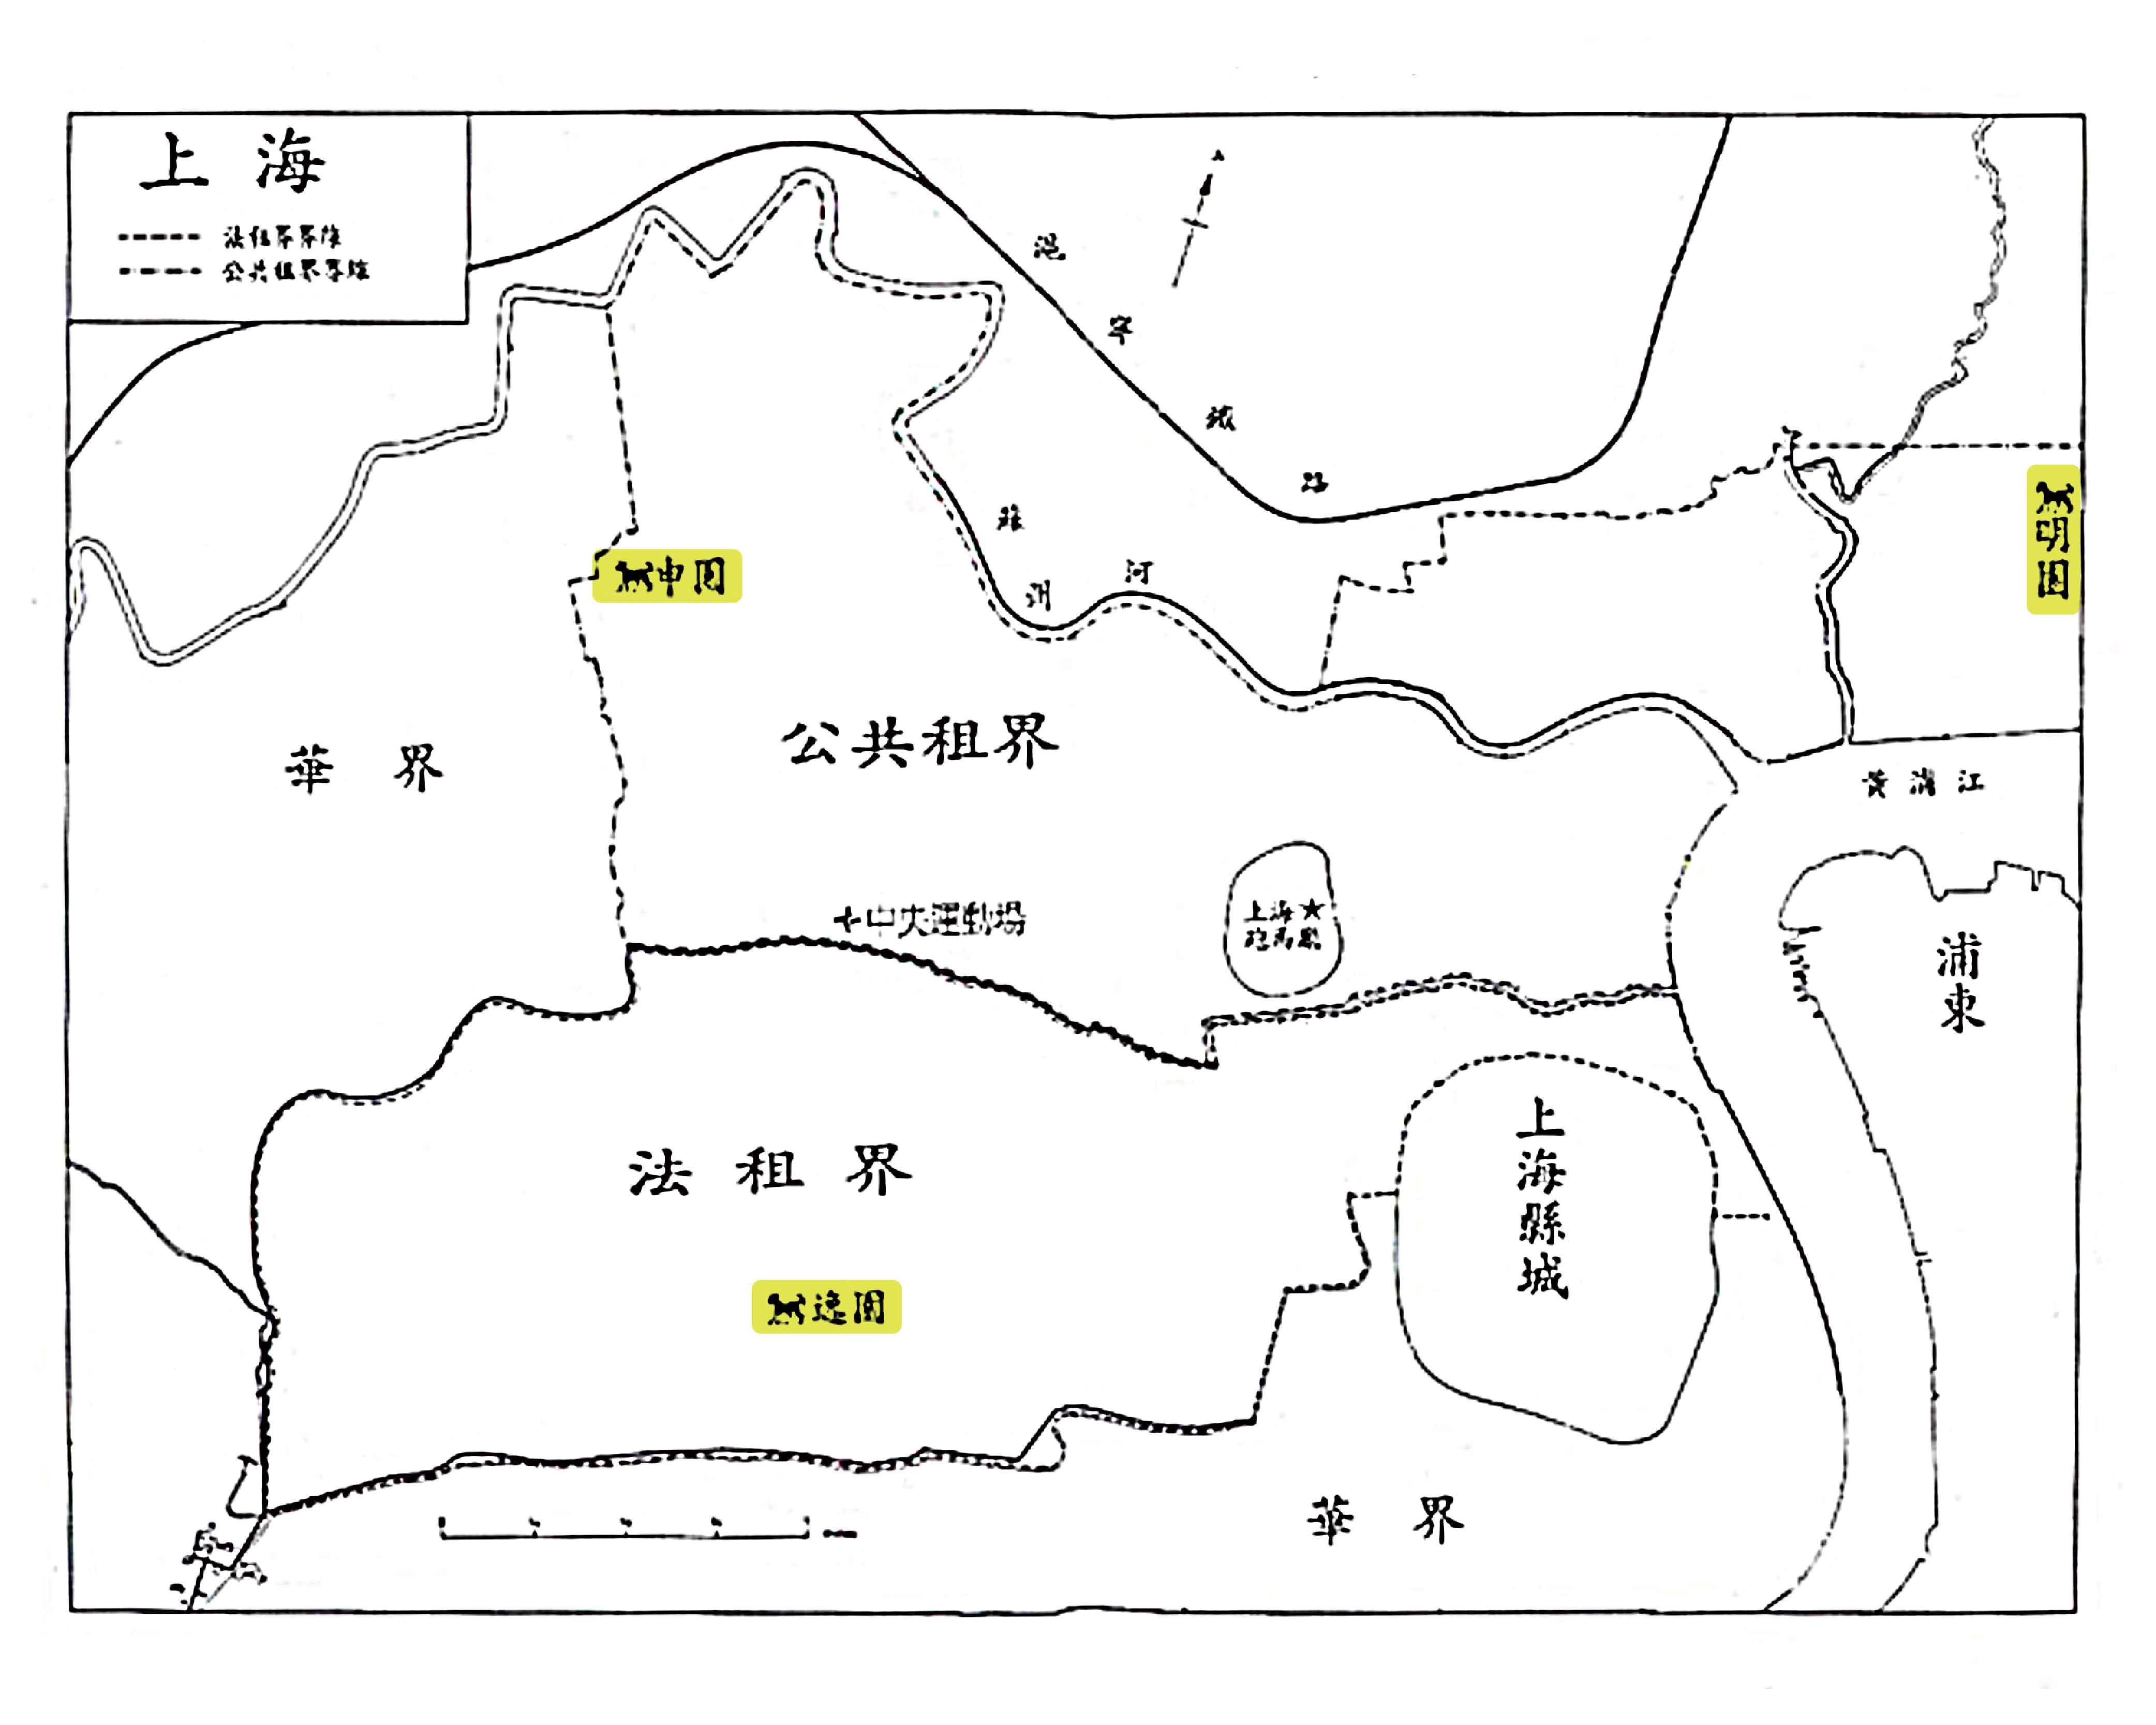 1928 年,上海的三個跑狗場:明園、申園與逸園 資料來源│張寧,2003年12月,〈是運動還是賭博?:跑狗論述與現代上海的成型,1927-1933〉